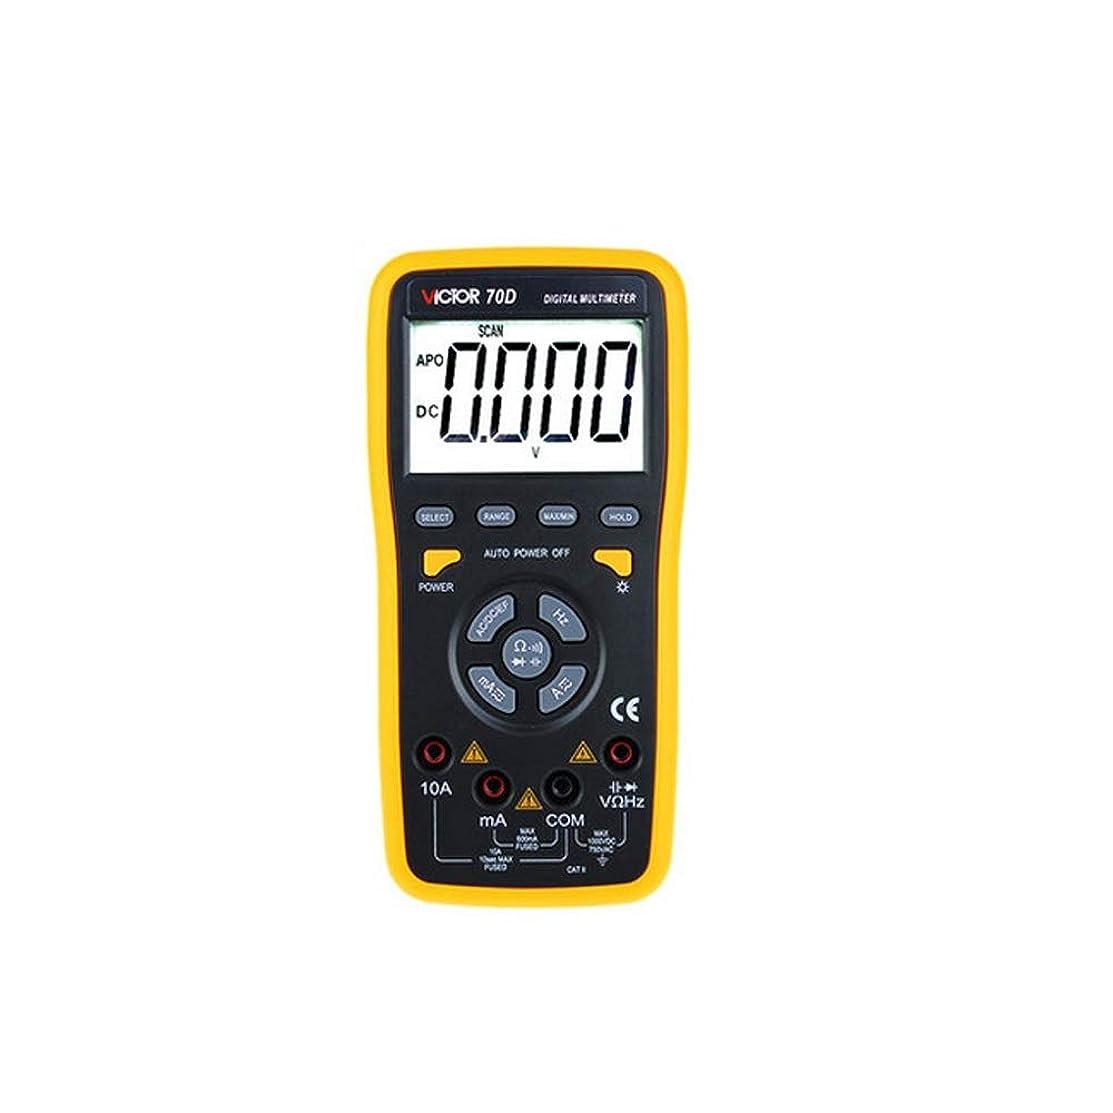 機知に富んだ科学者苦しめるQIFUYINZHUANG-R マルチメーター、デジタルテスター-ポータブルマルチメーター、1000V-計装機器産業(黒と黄色) 家庭用測定ツール